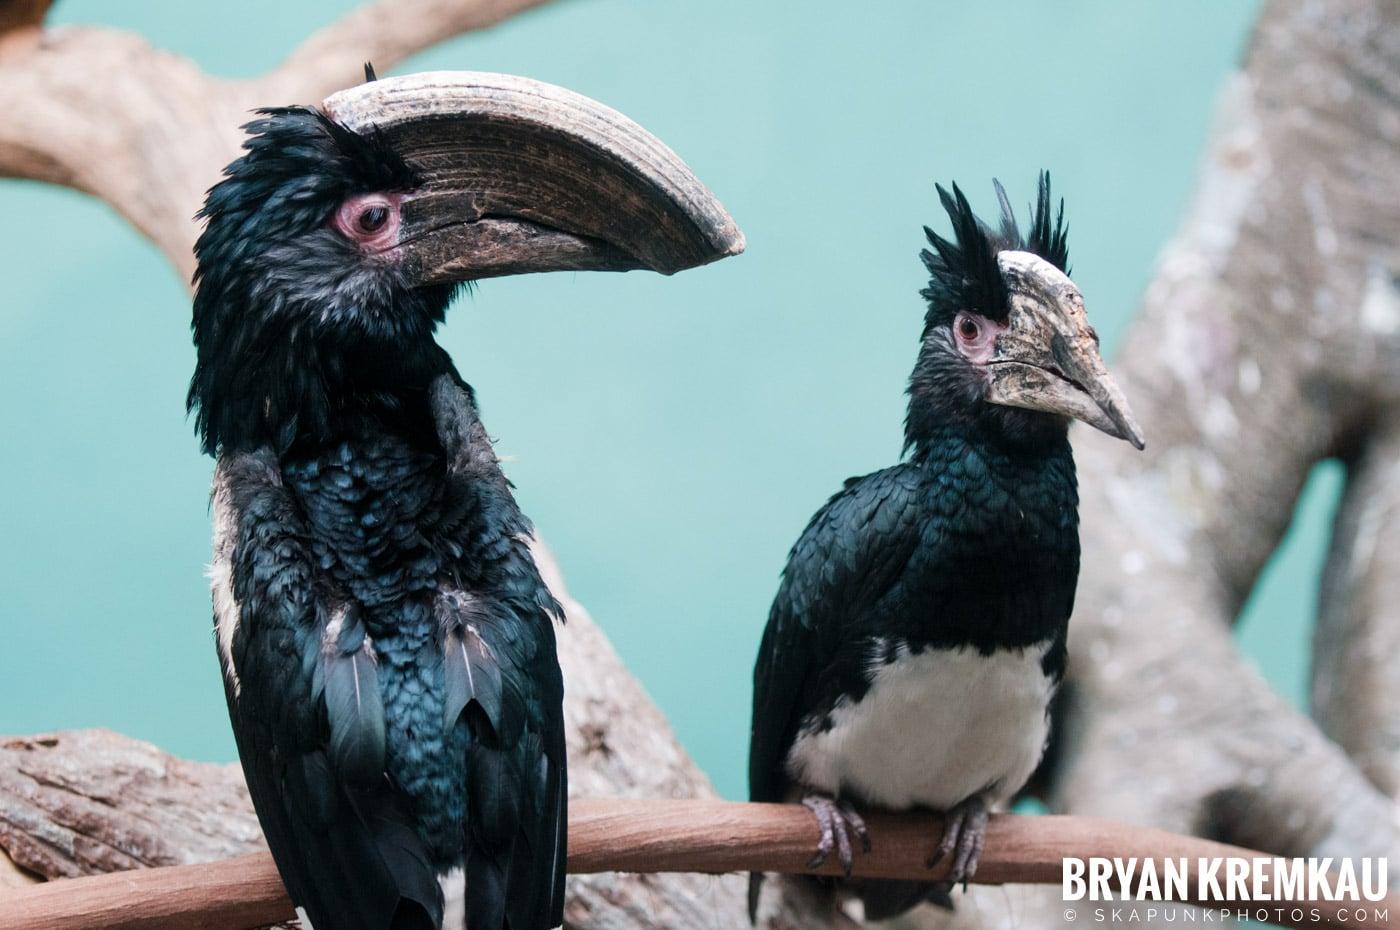 The Bronx Zoo @ Bronx, NYC - 5.7.11 (3)